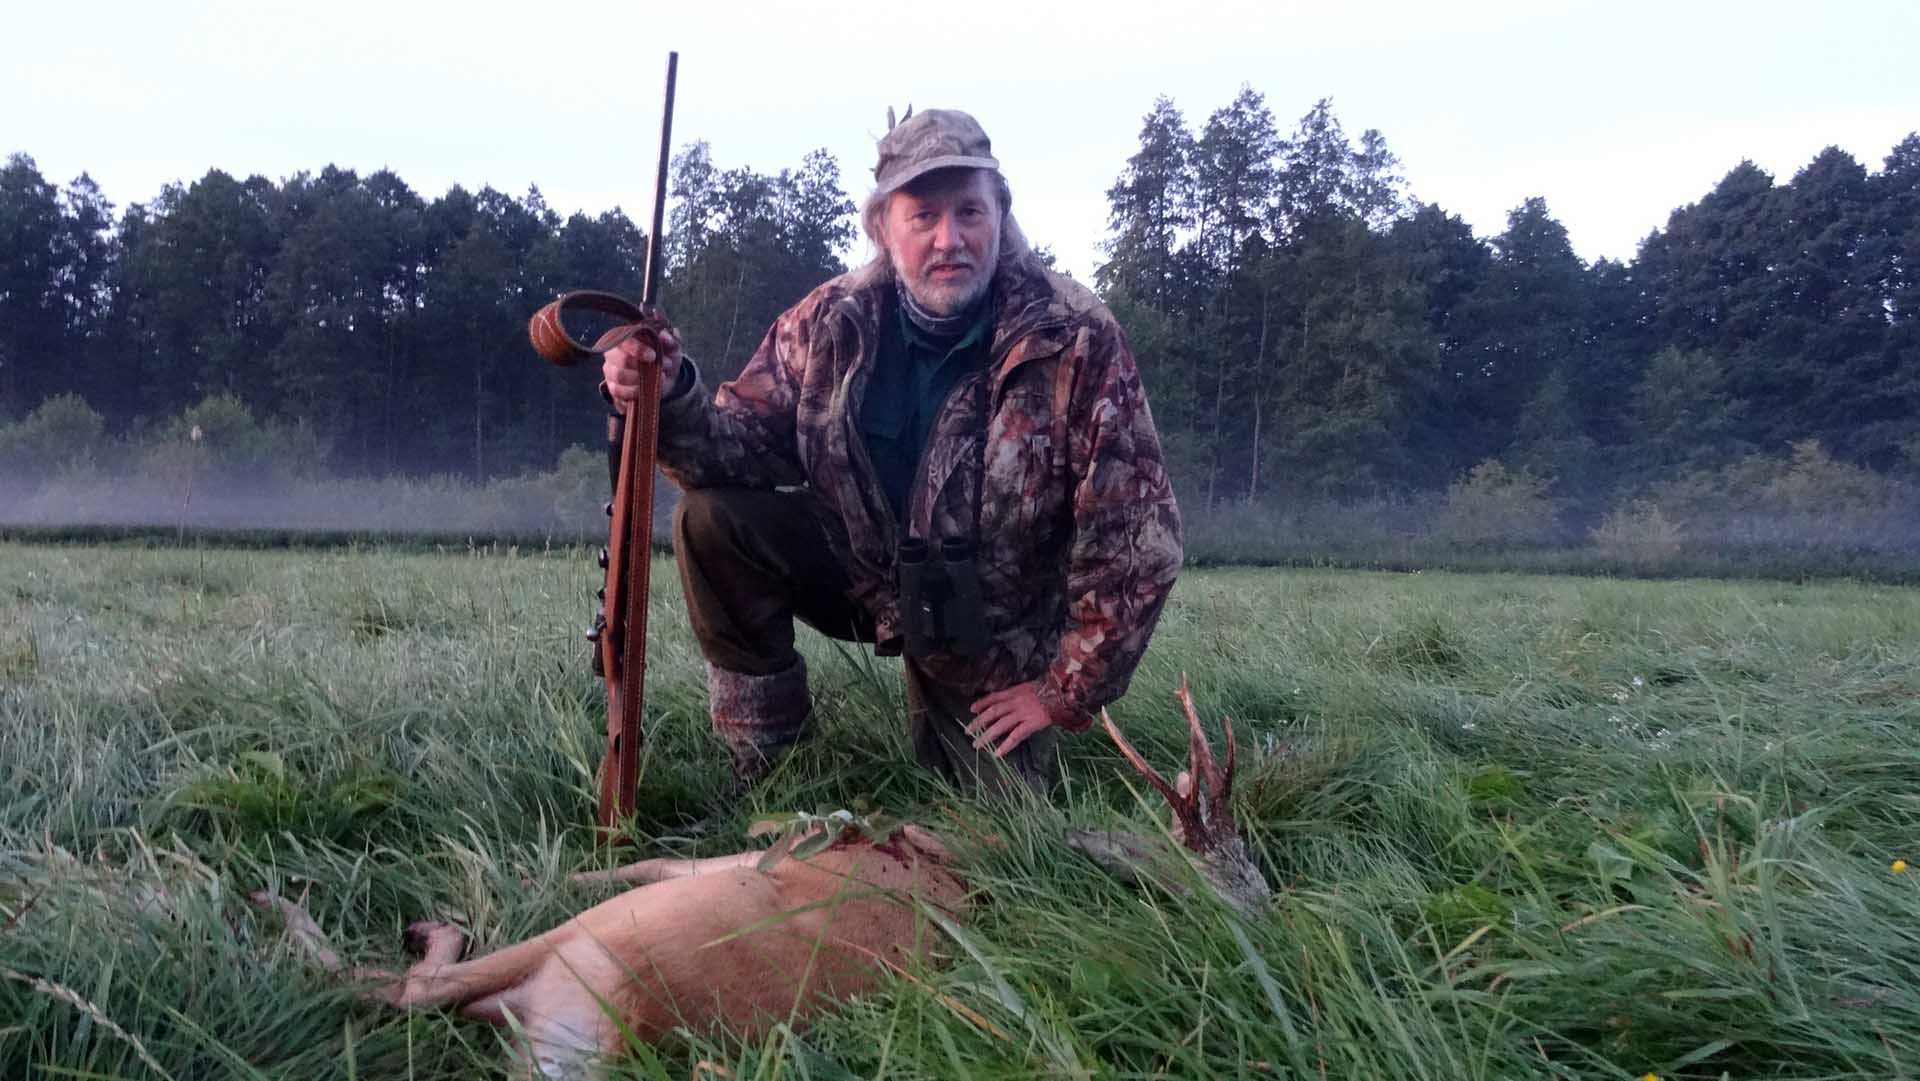 Jakt i Polen | Jakt på bock, dovhjort, vildsvin, kronhjort